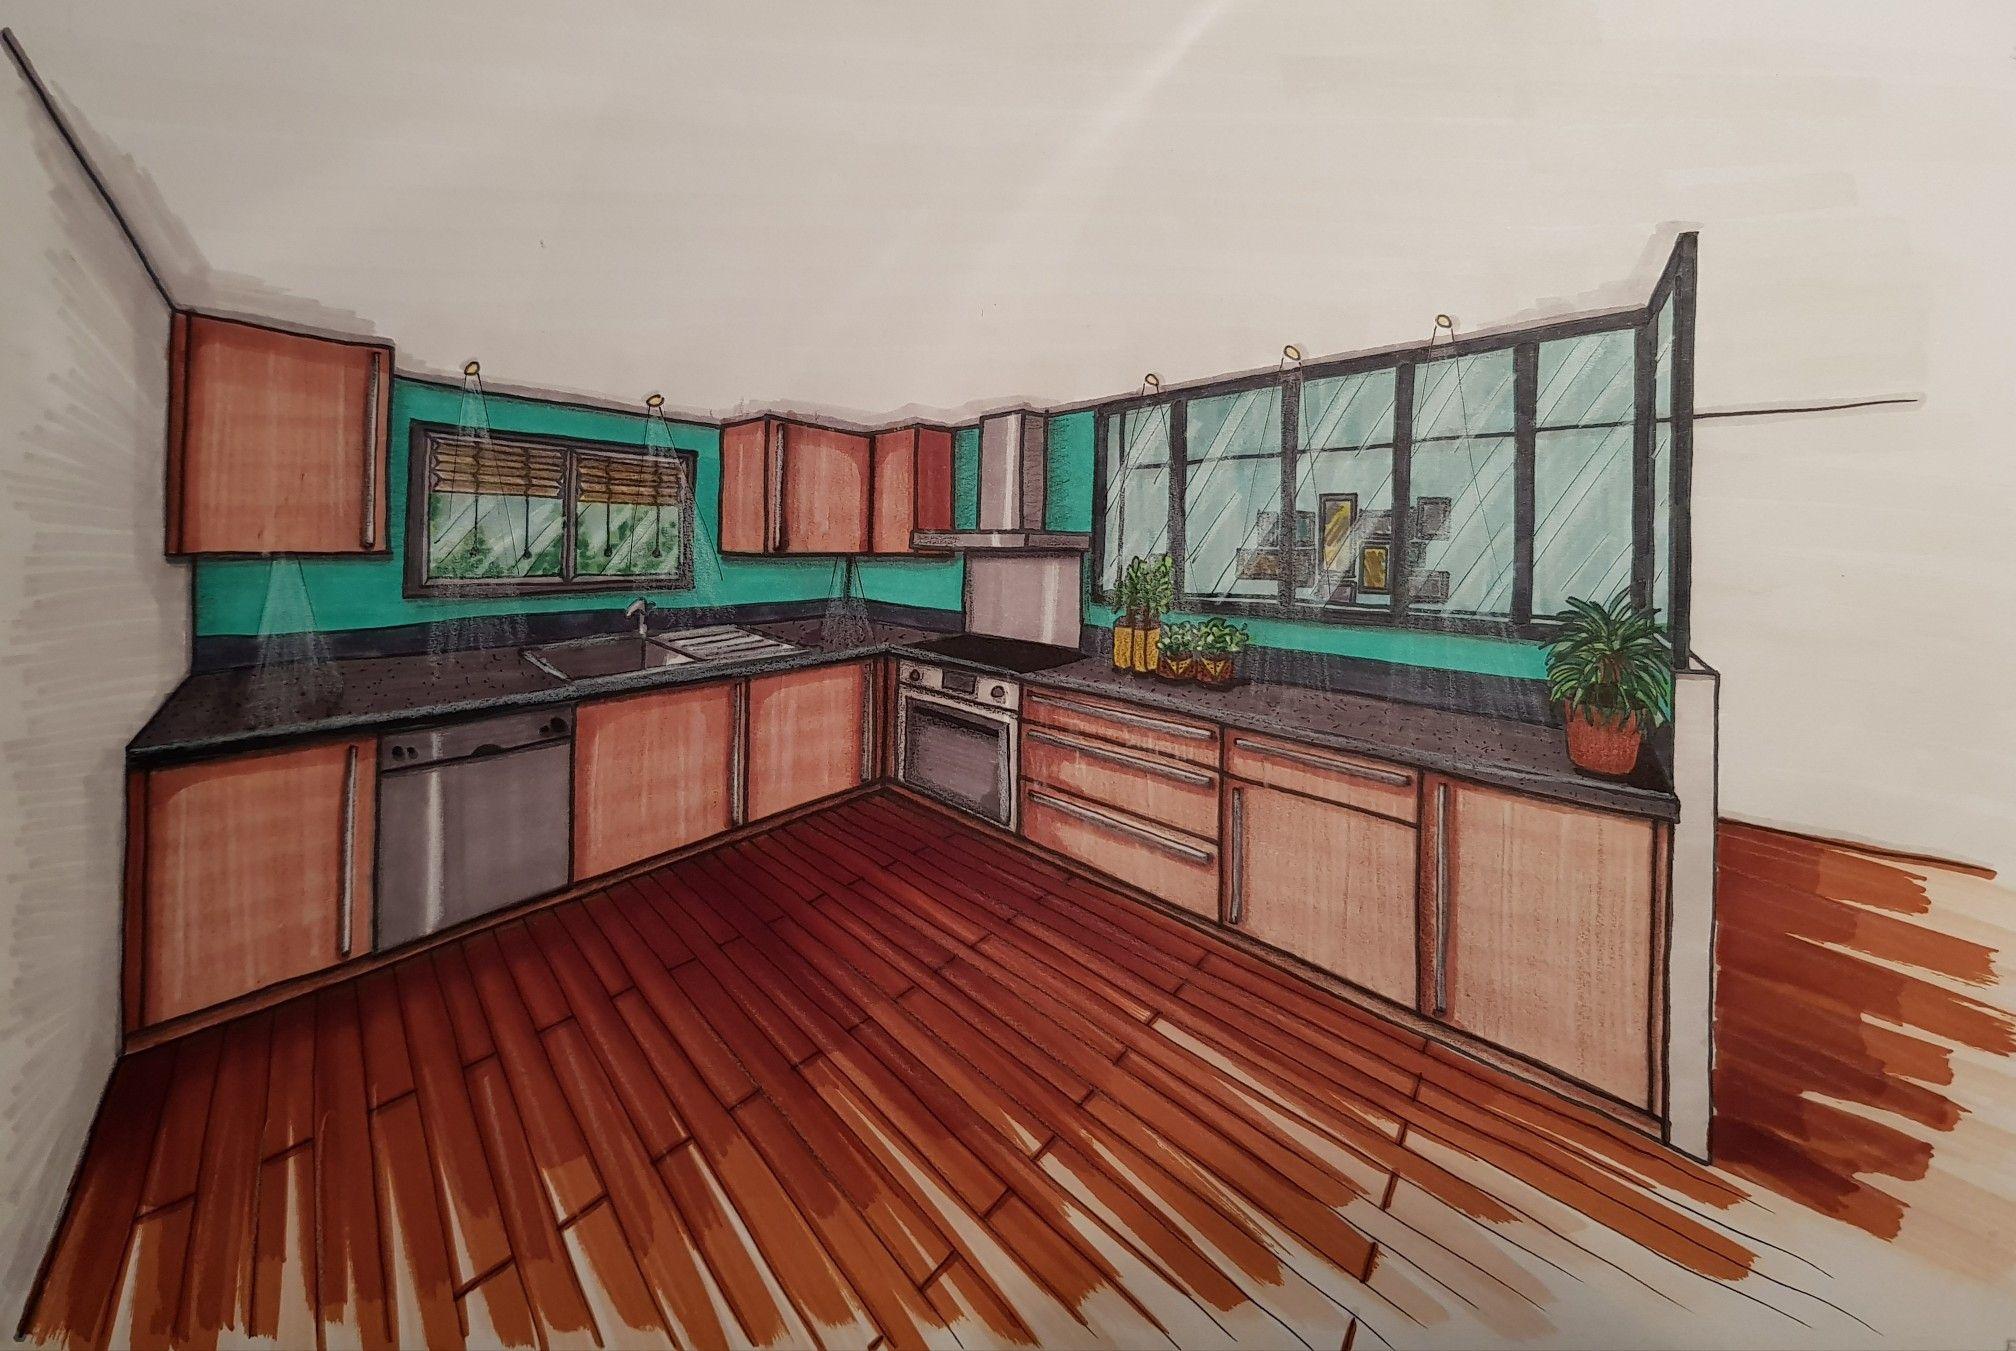 Architecte D Intérieur Decorateur perspective mise en couleurs - feutres à alcool, crayons de